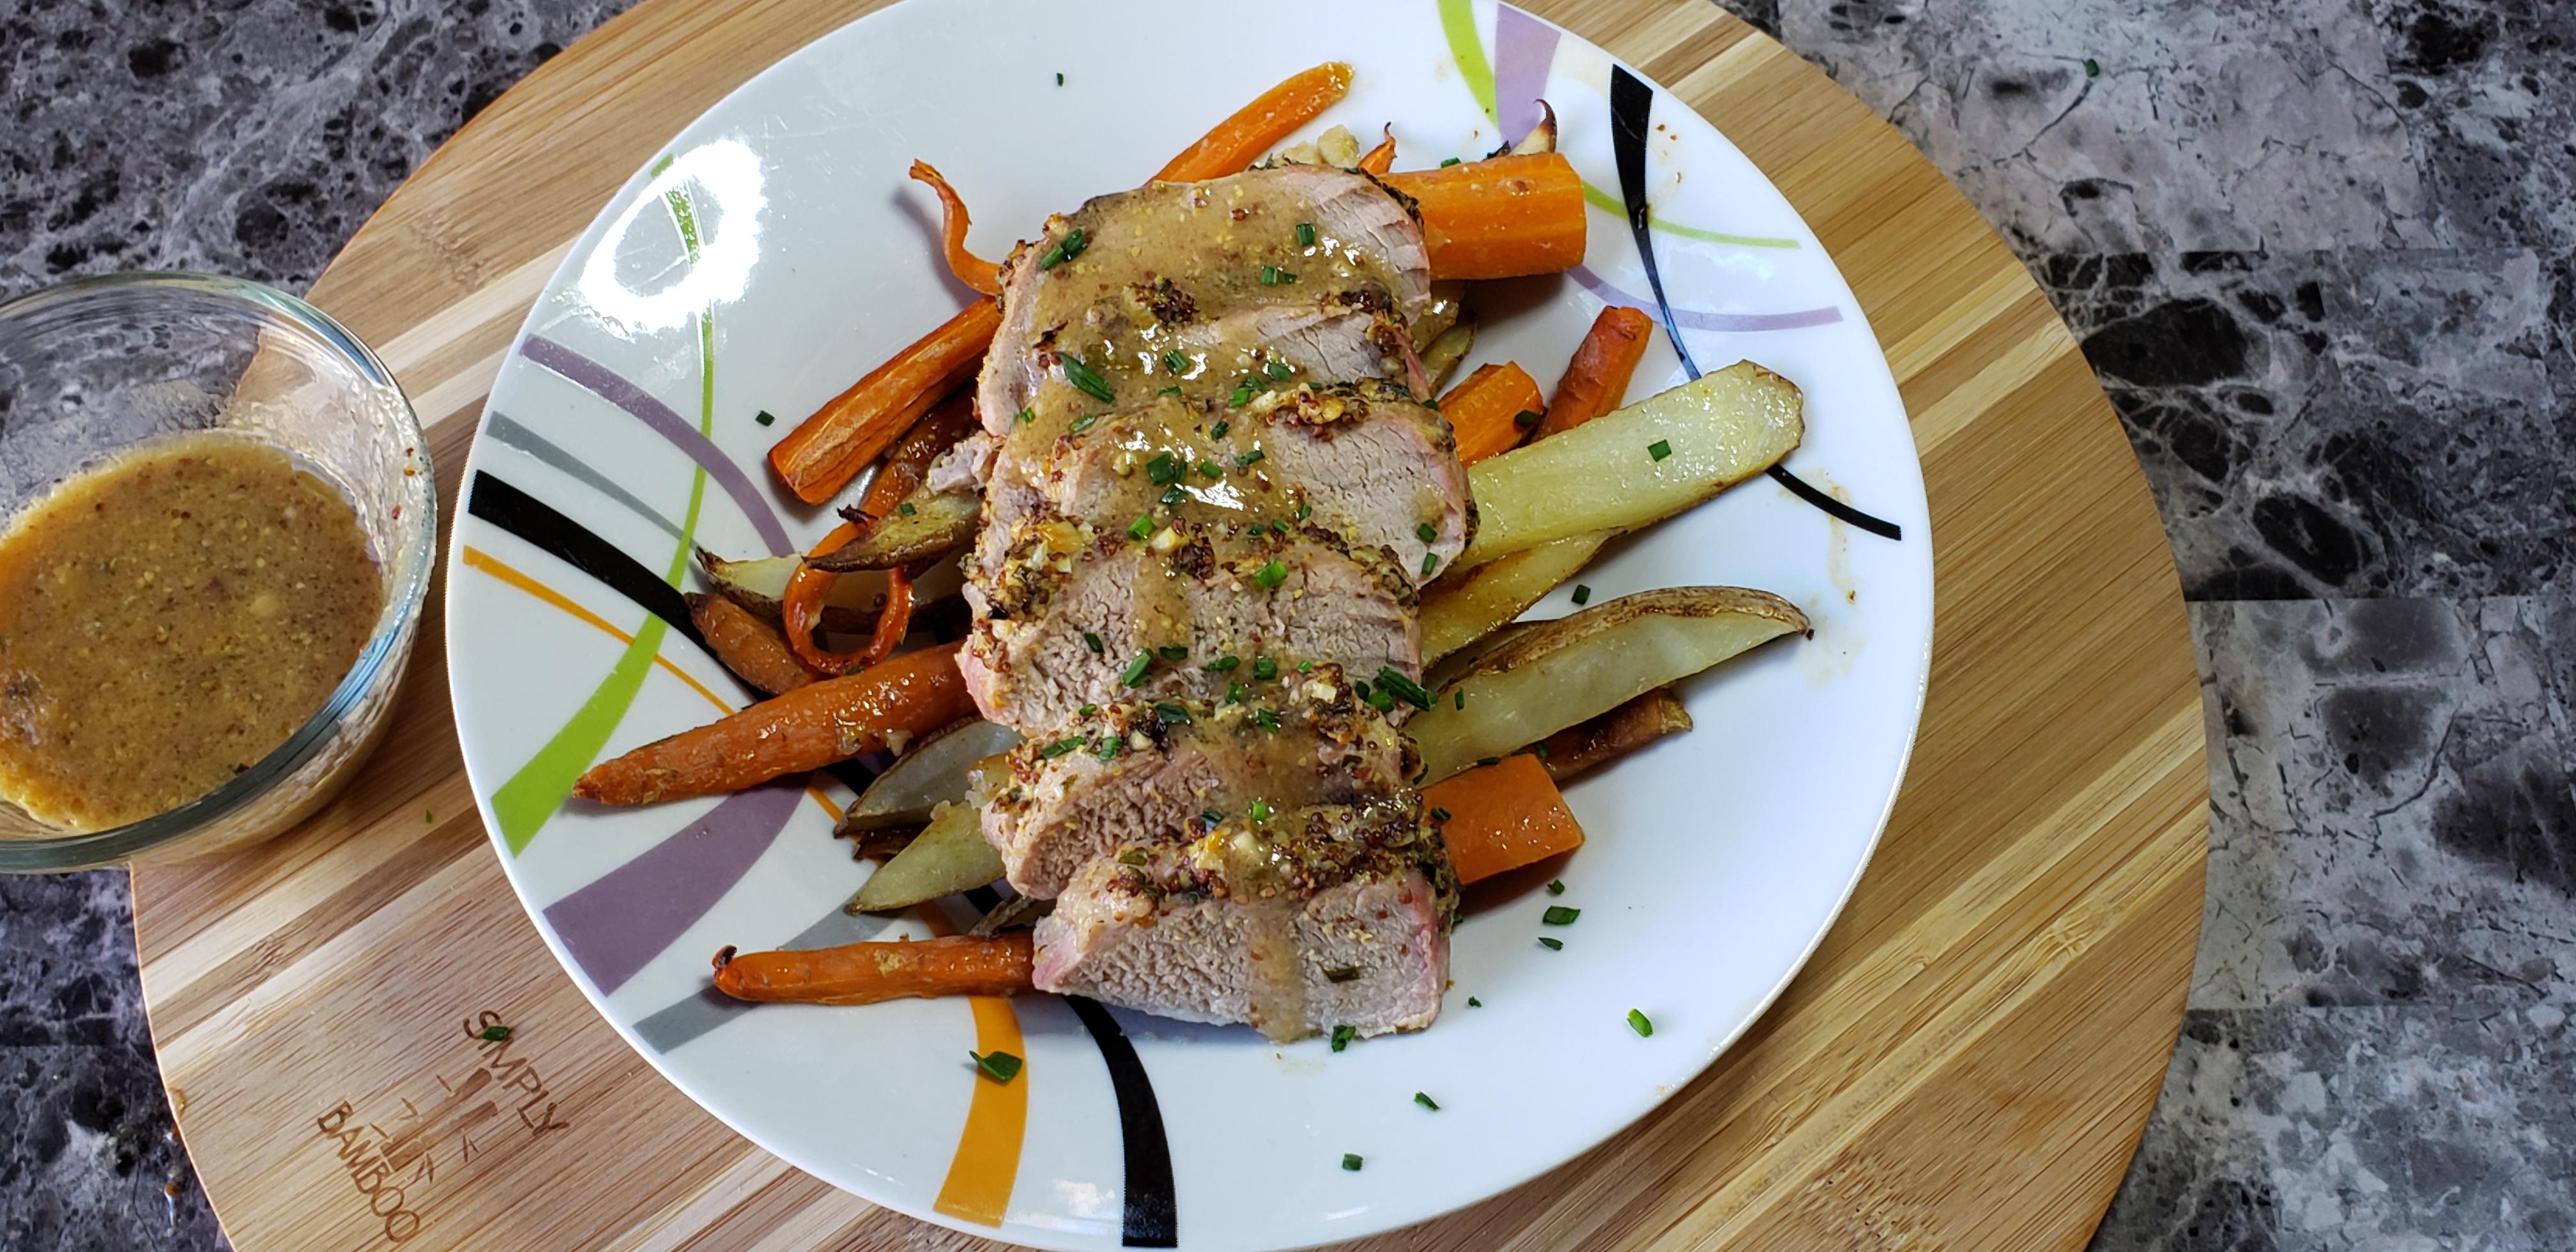 Garlic-Herb Pork Tenderloin with Grenache wine pairing